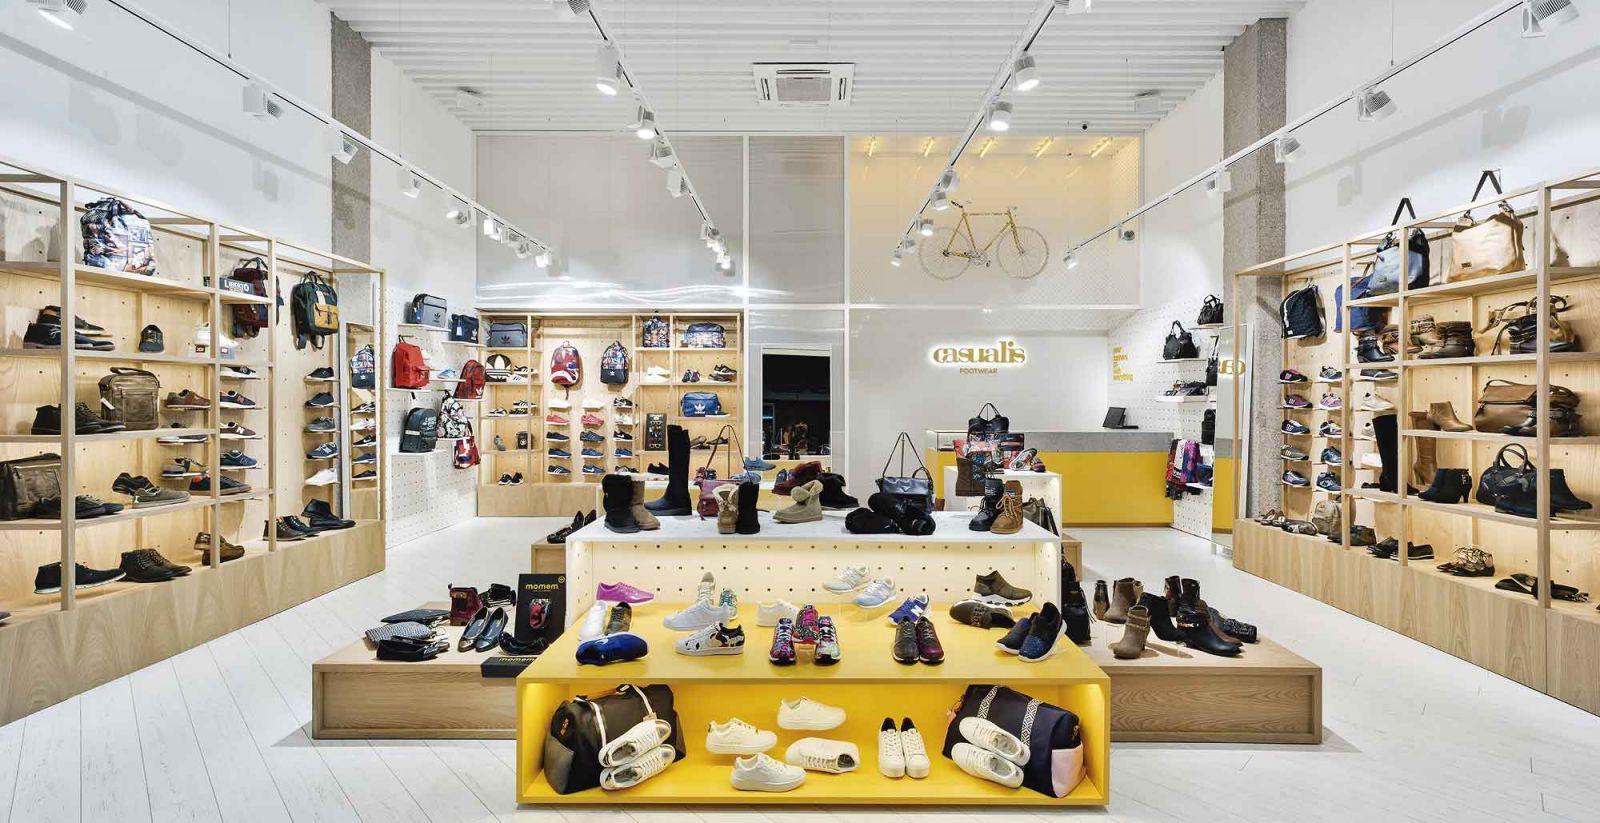 Bí quyết kinh doanh giày dép hiệu qủa